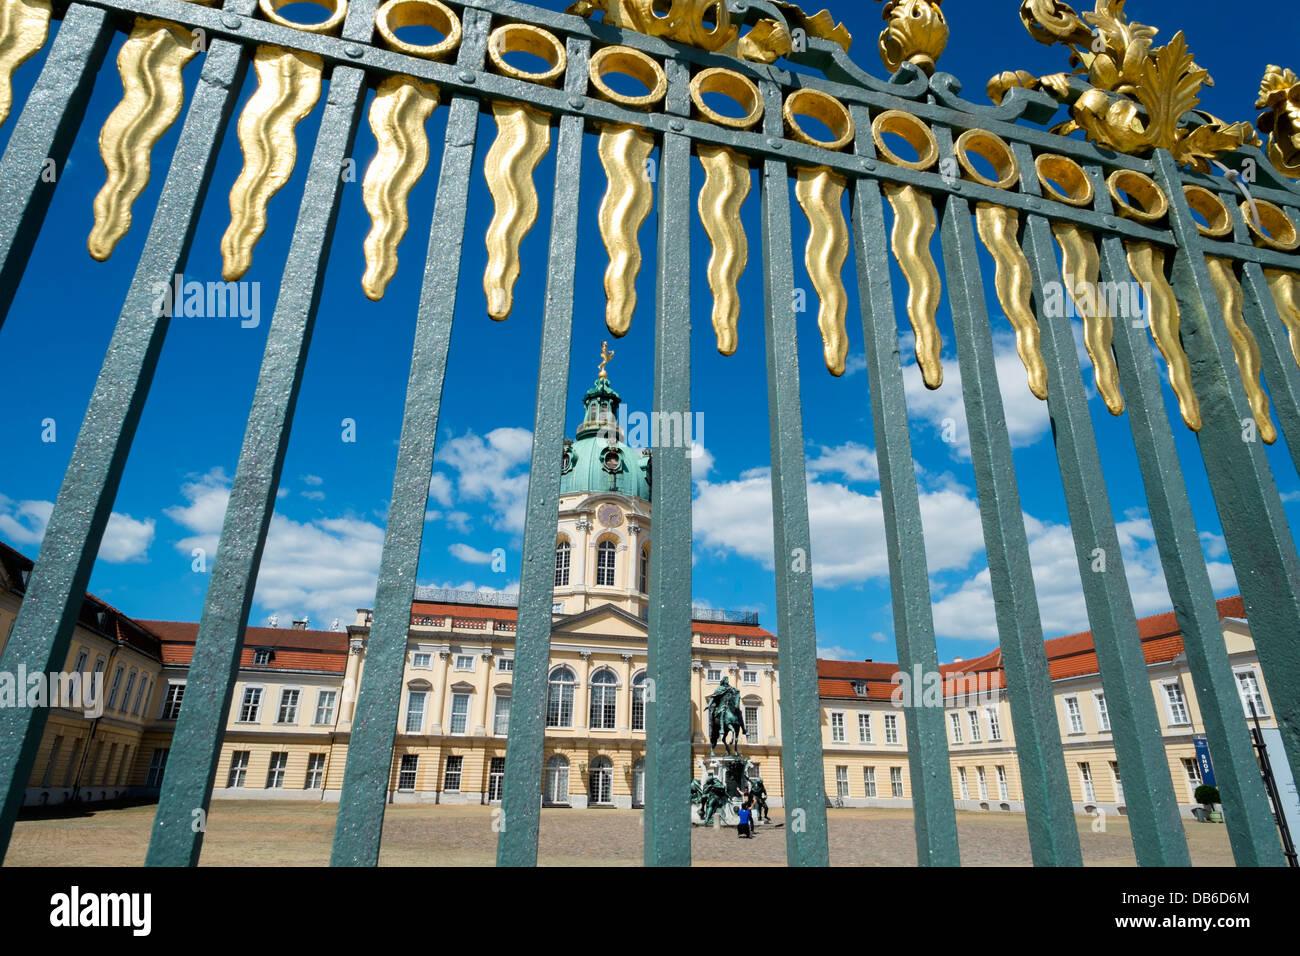 Schloss Charlottenburg Berlino Germania Immagini Stock